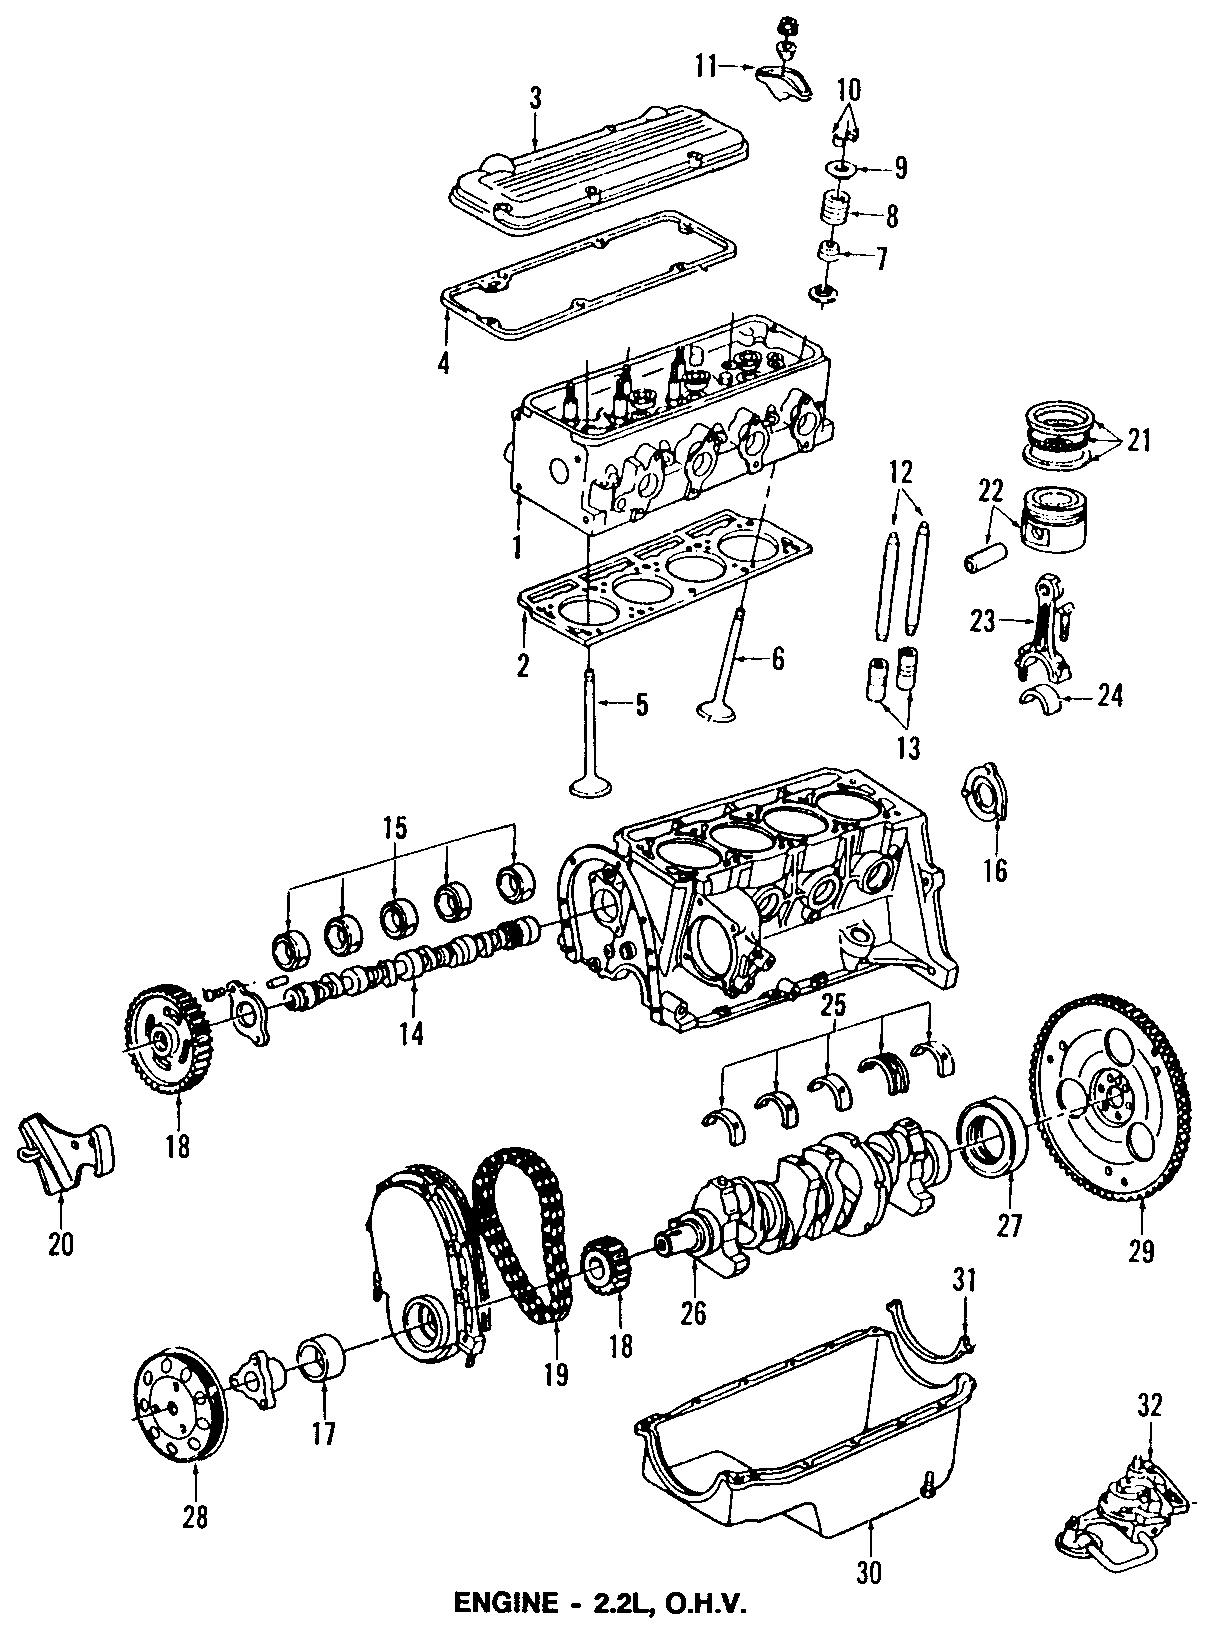 Chevrolet S10 Gasket  Engine Camshaft  U0026 Balance Shaft Hole  Gasketcmshf